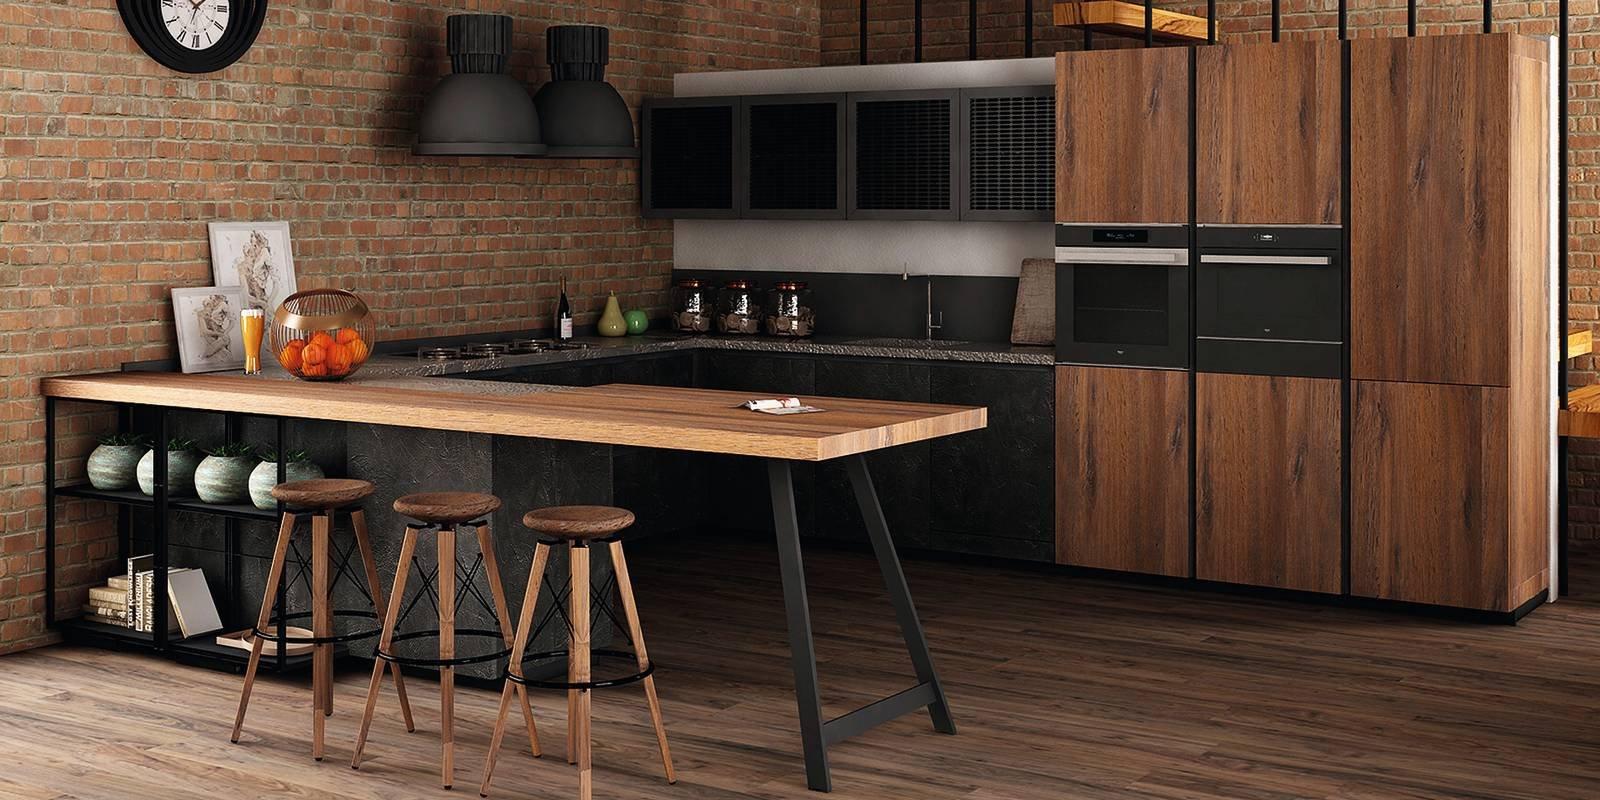 Cucine industriali scegliere i mobili le lampade le - Cucina a ferro di cavallo ...